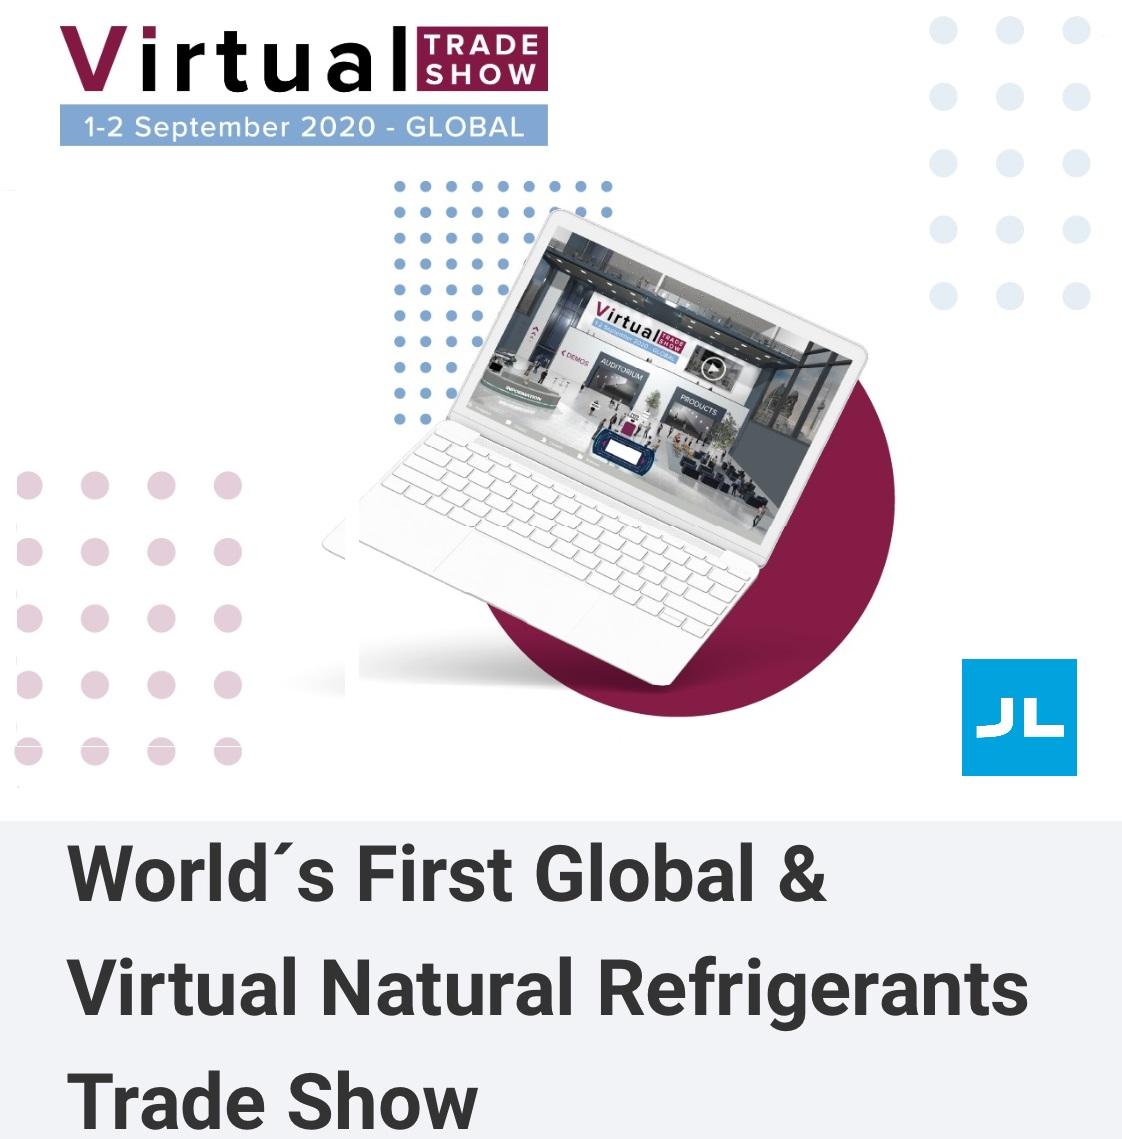 JL Asiste a la primera Feria virtual de refrigerantes naturales